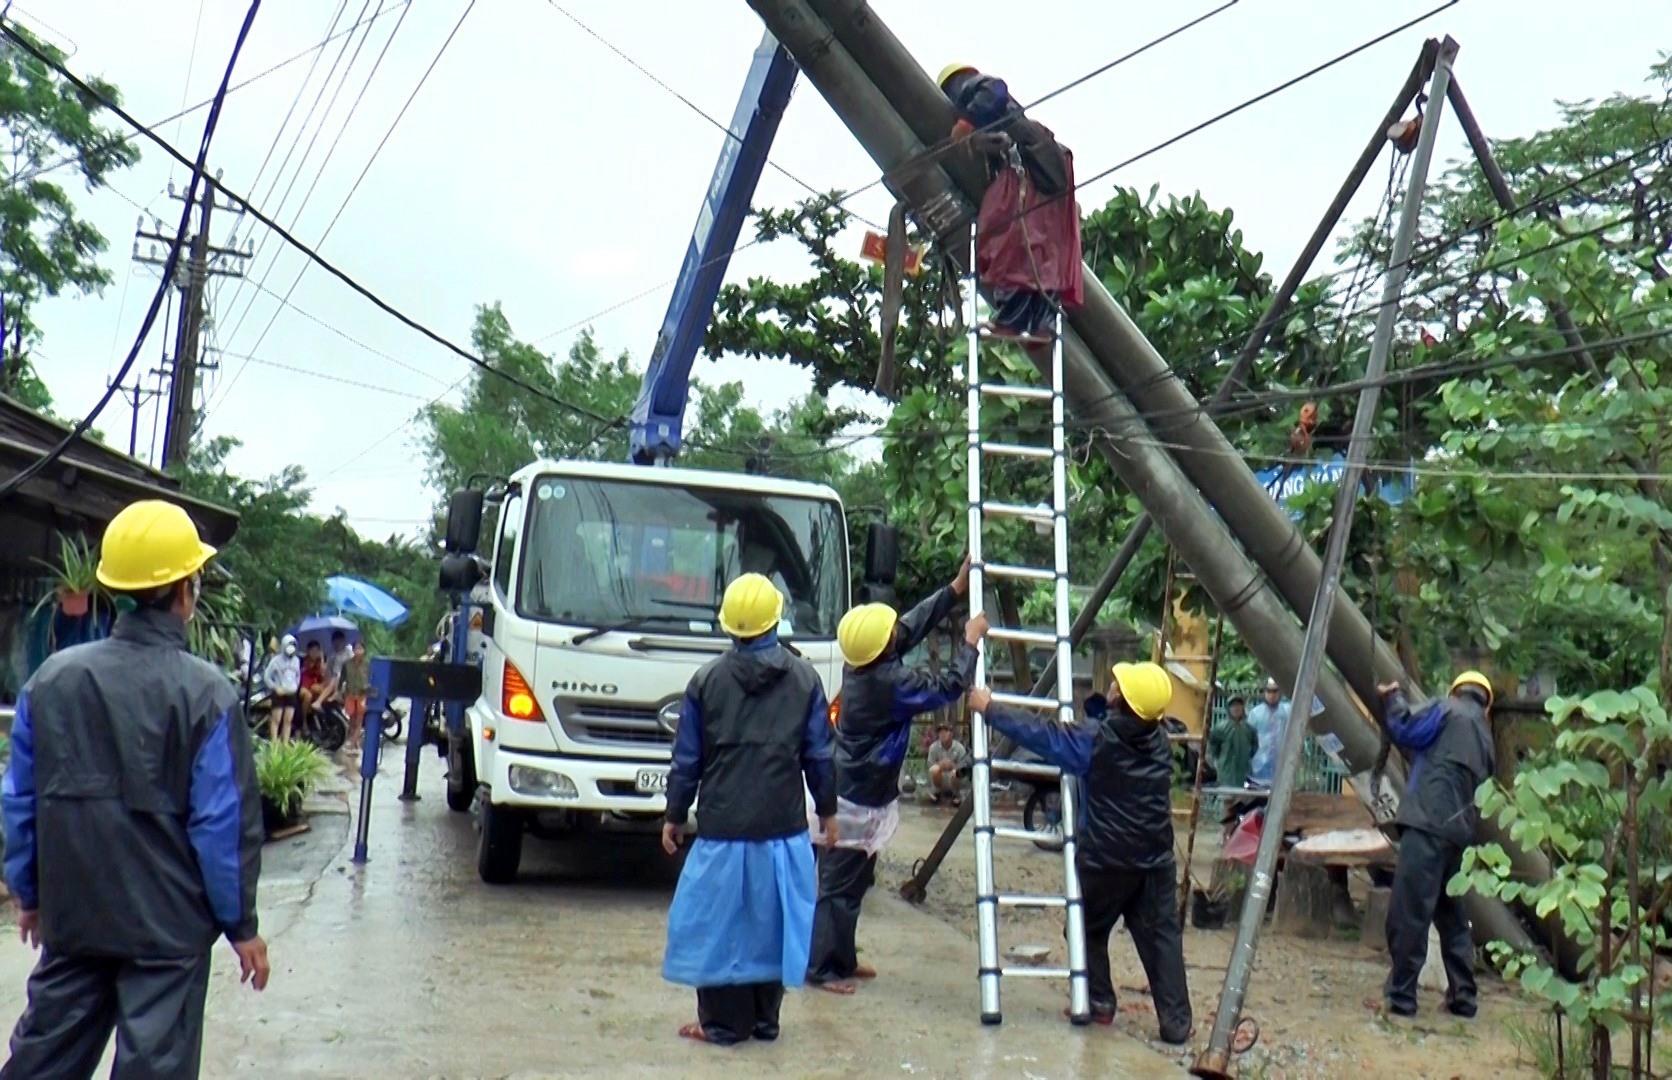 Điện lực Thăng Bình tập trung khắc phục thiệt hại do bão số 9 gây ra. Ảnh: M.T